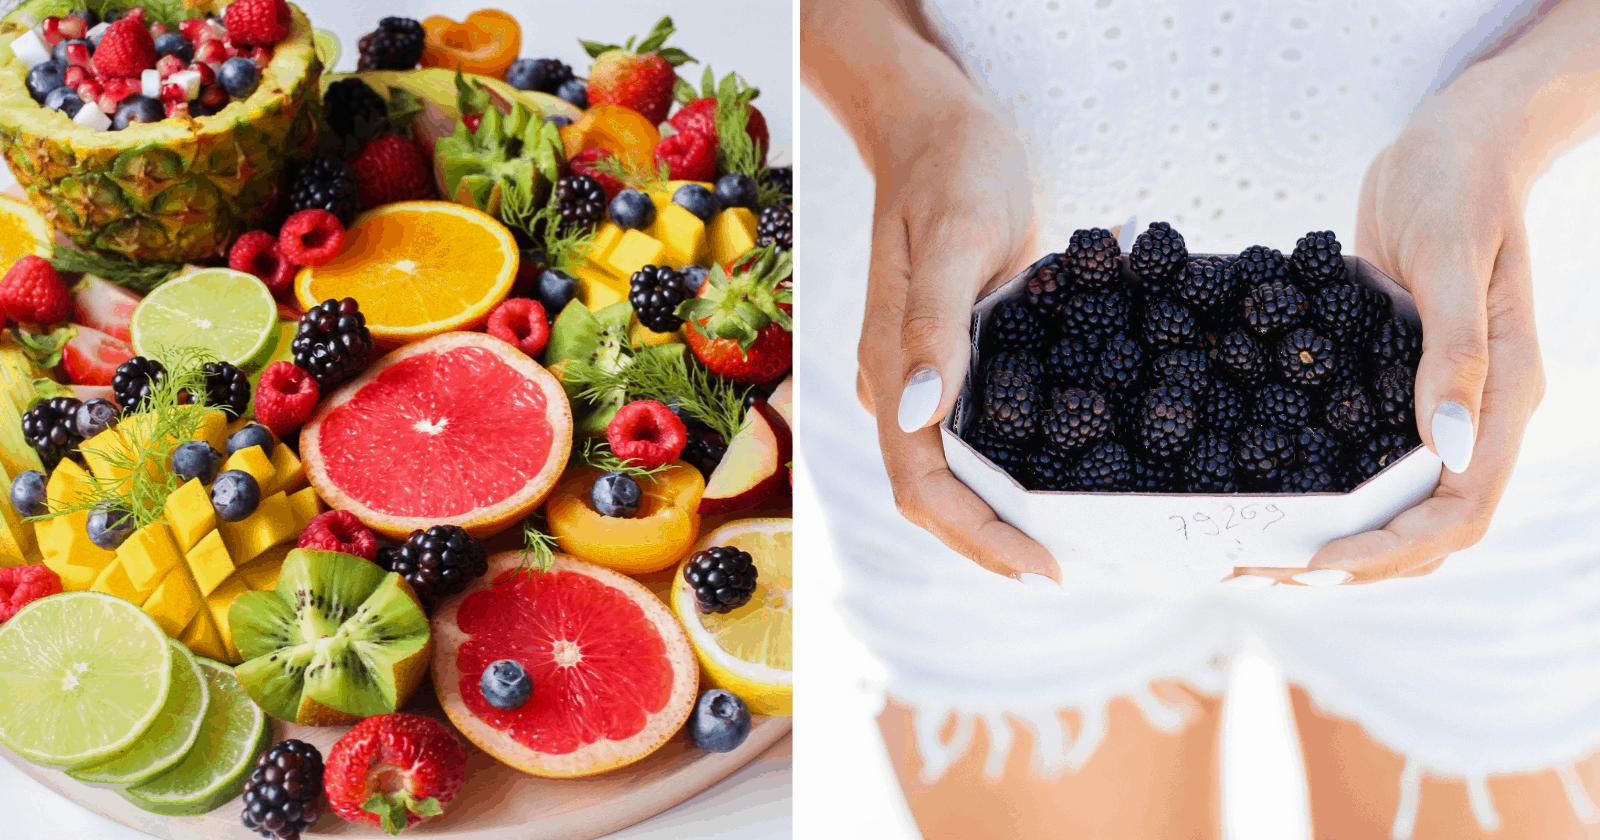 Essas 12 frutas poderão MUDAR sua saúde completamente, se consumidas diariamente